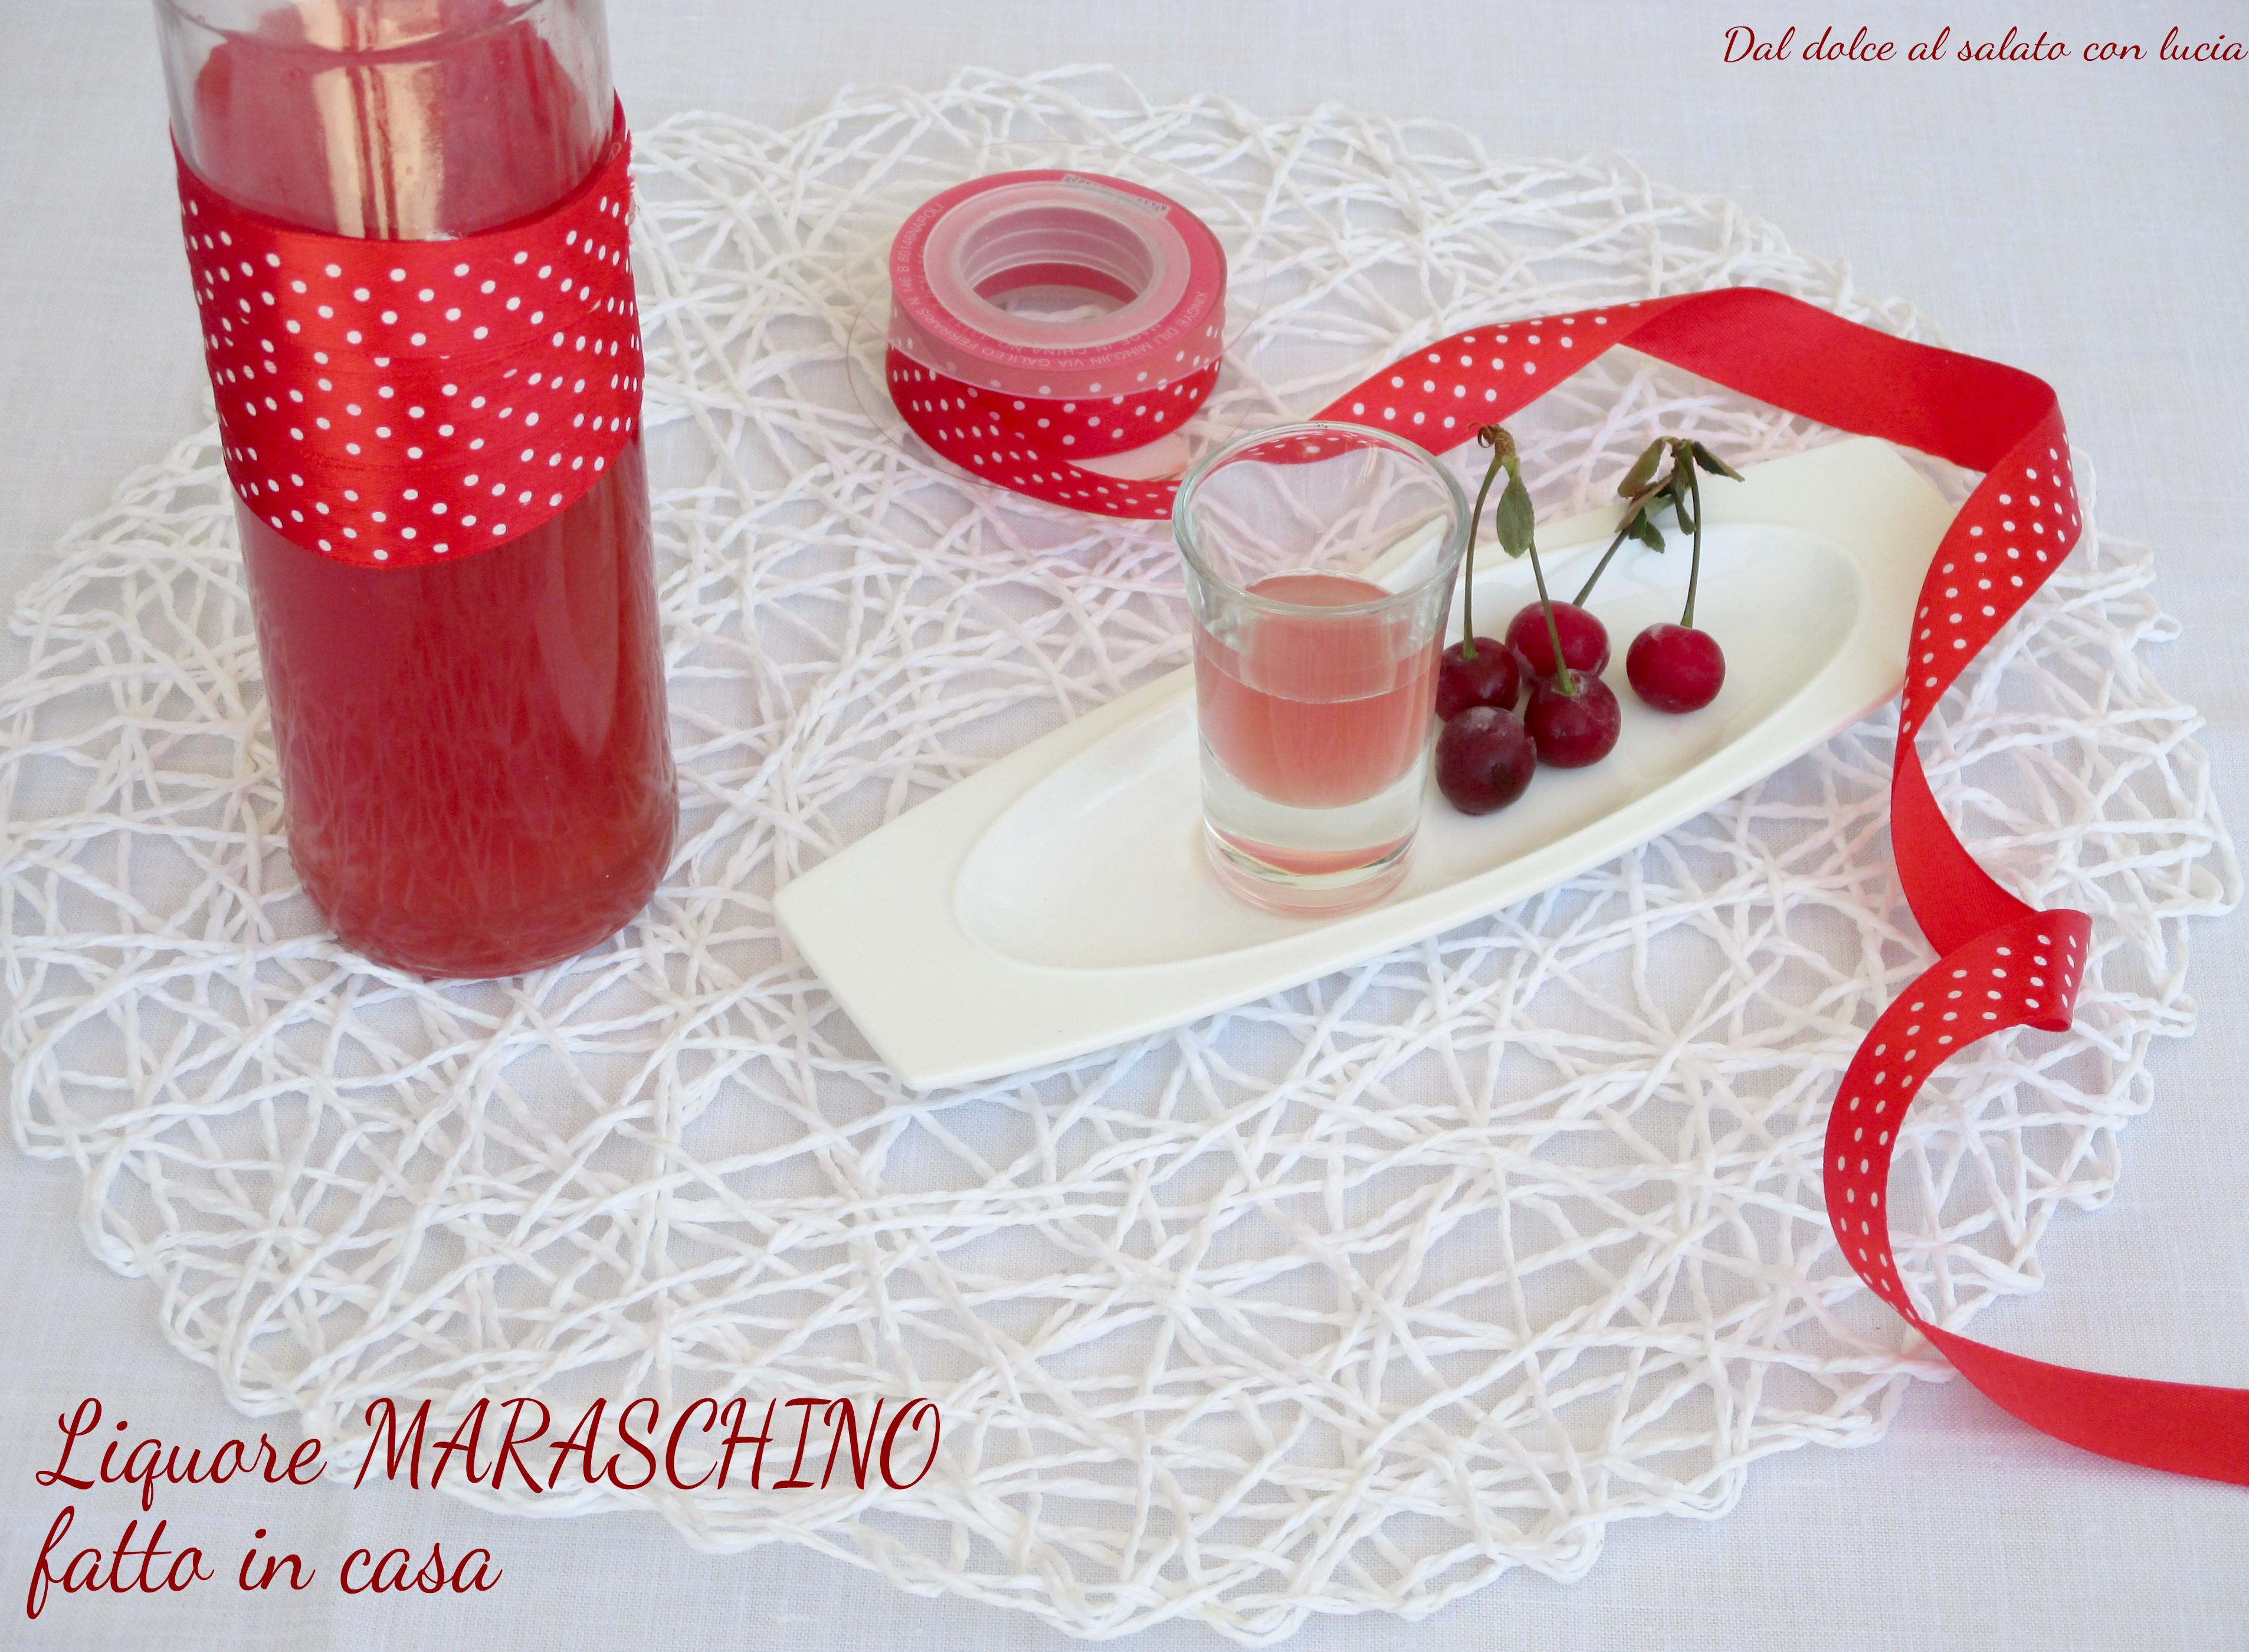 Credenza Per Liquori : Liquore maraschino fatto in casa dal dolce al salato con lucia